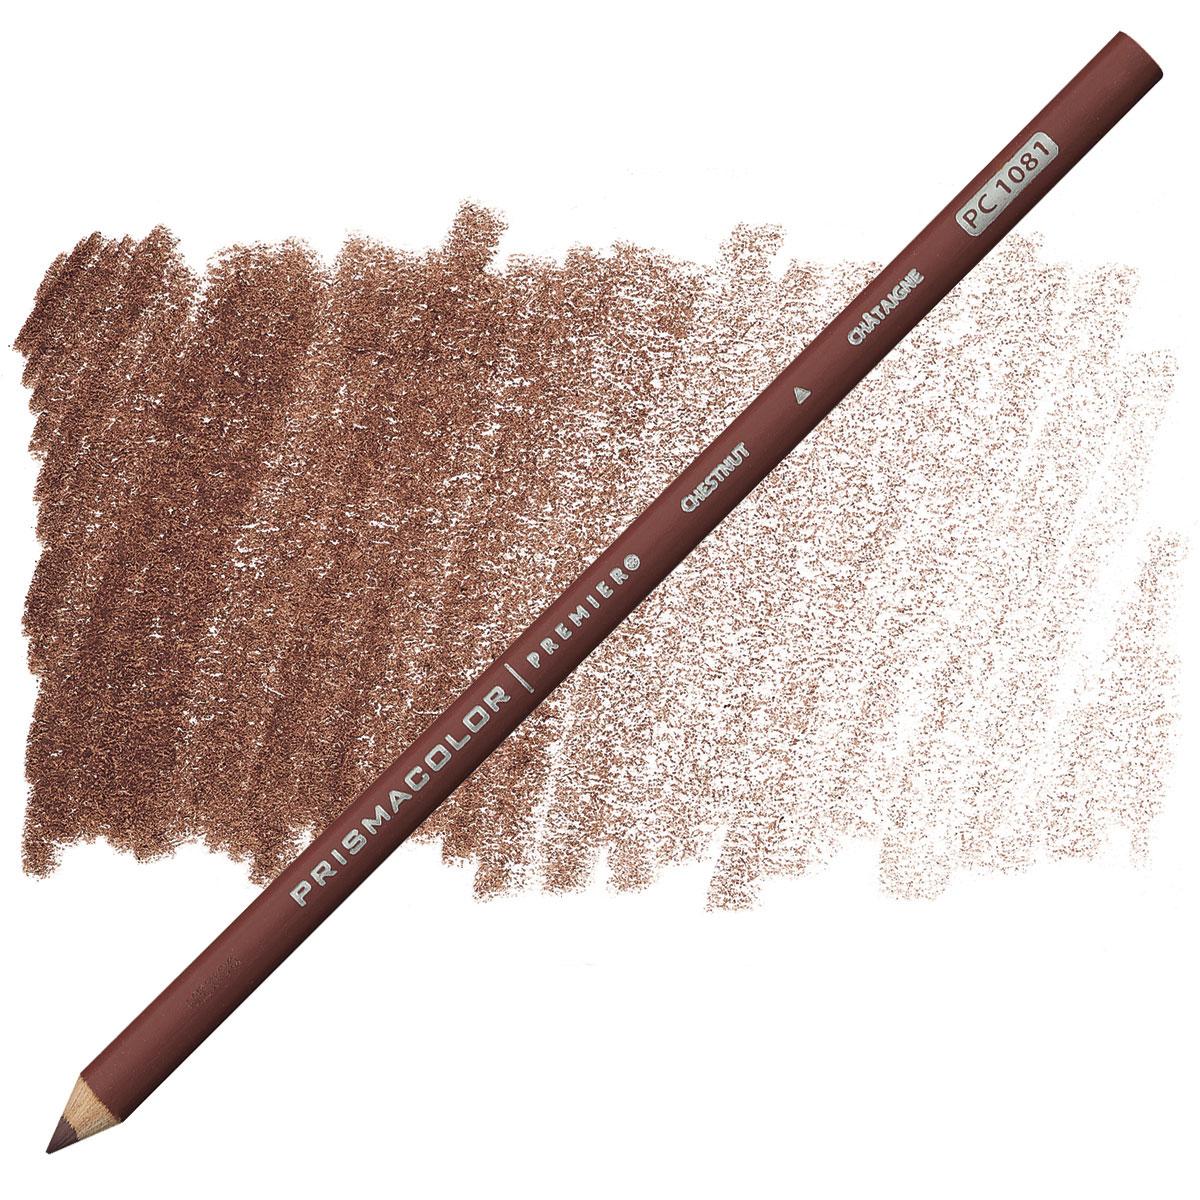 20508 8281 Prismacolor Colored Pencils And Sets Blick Art Materials